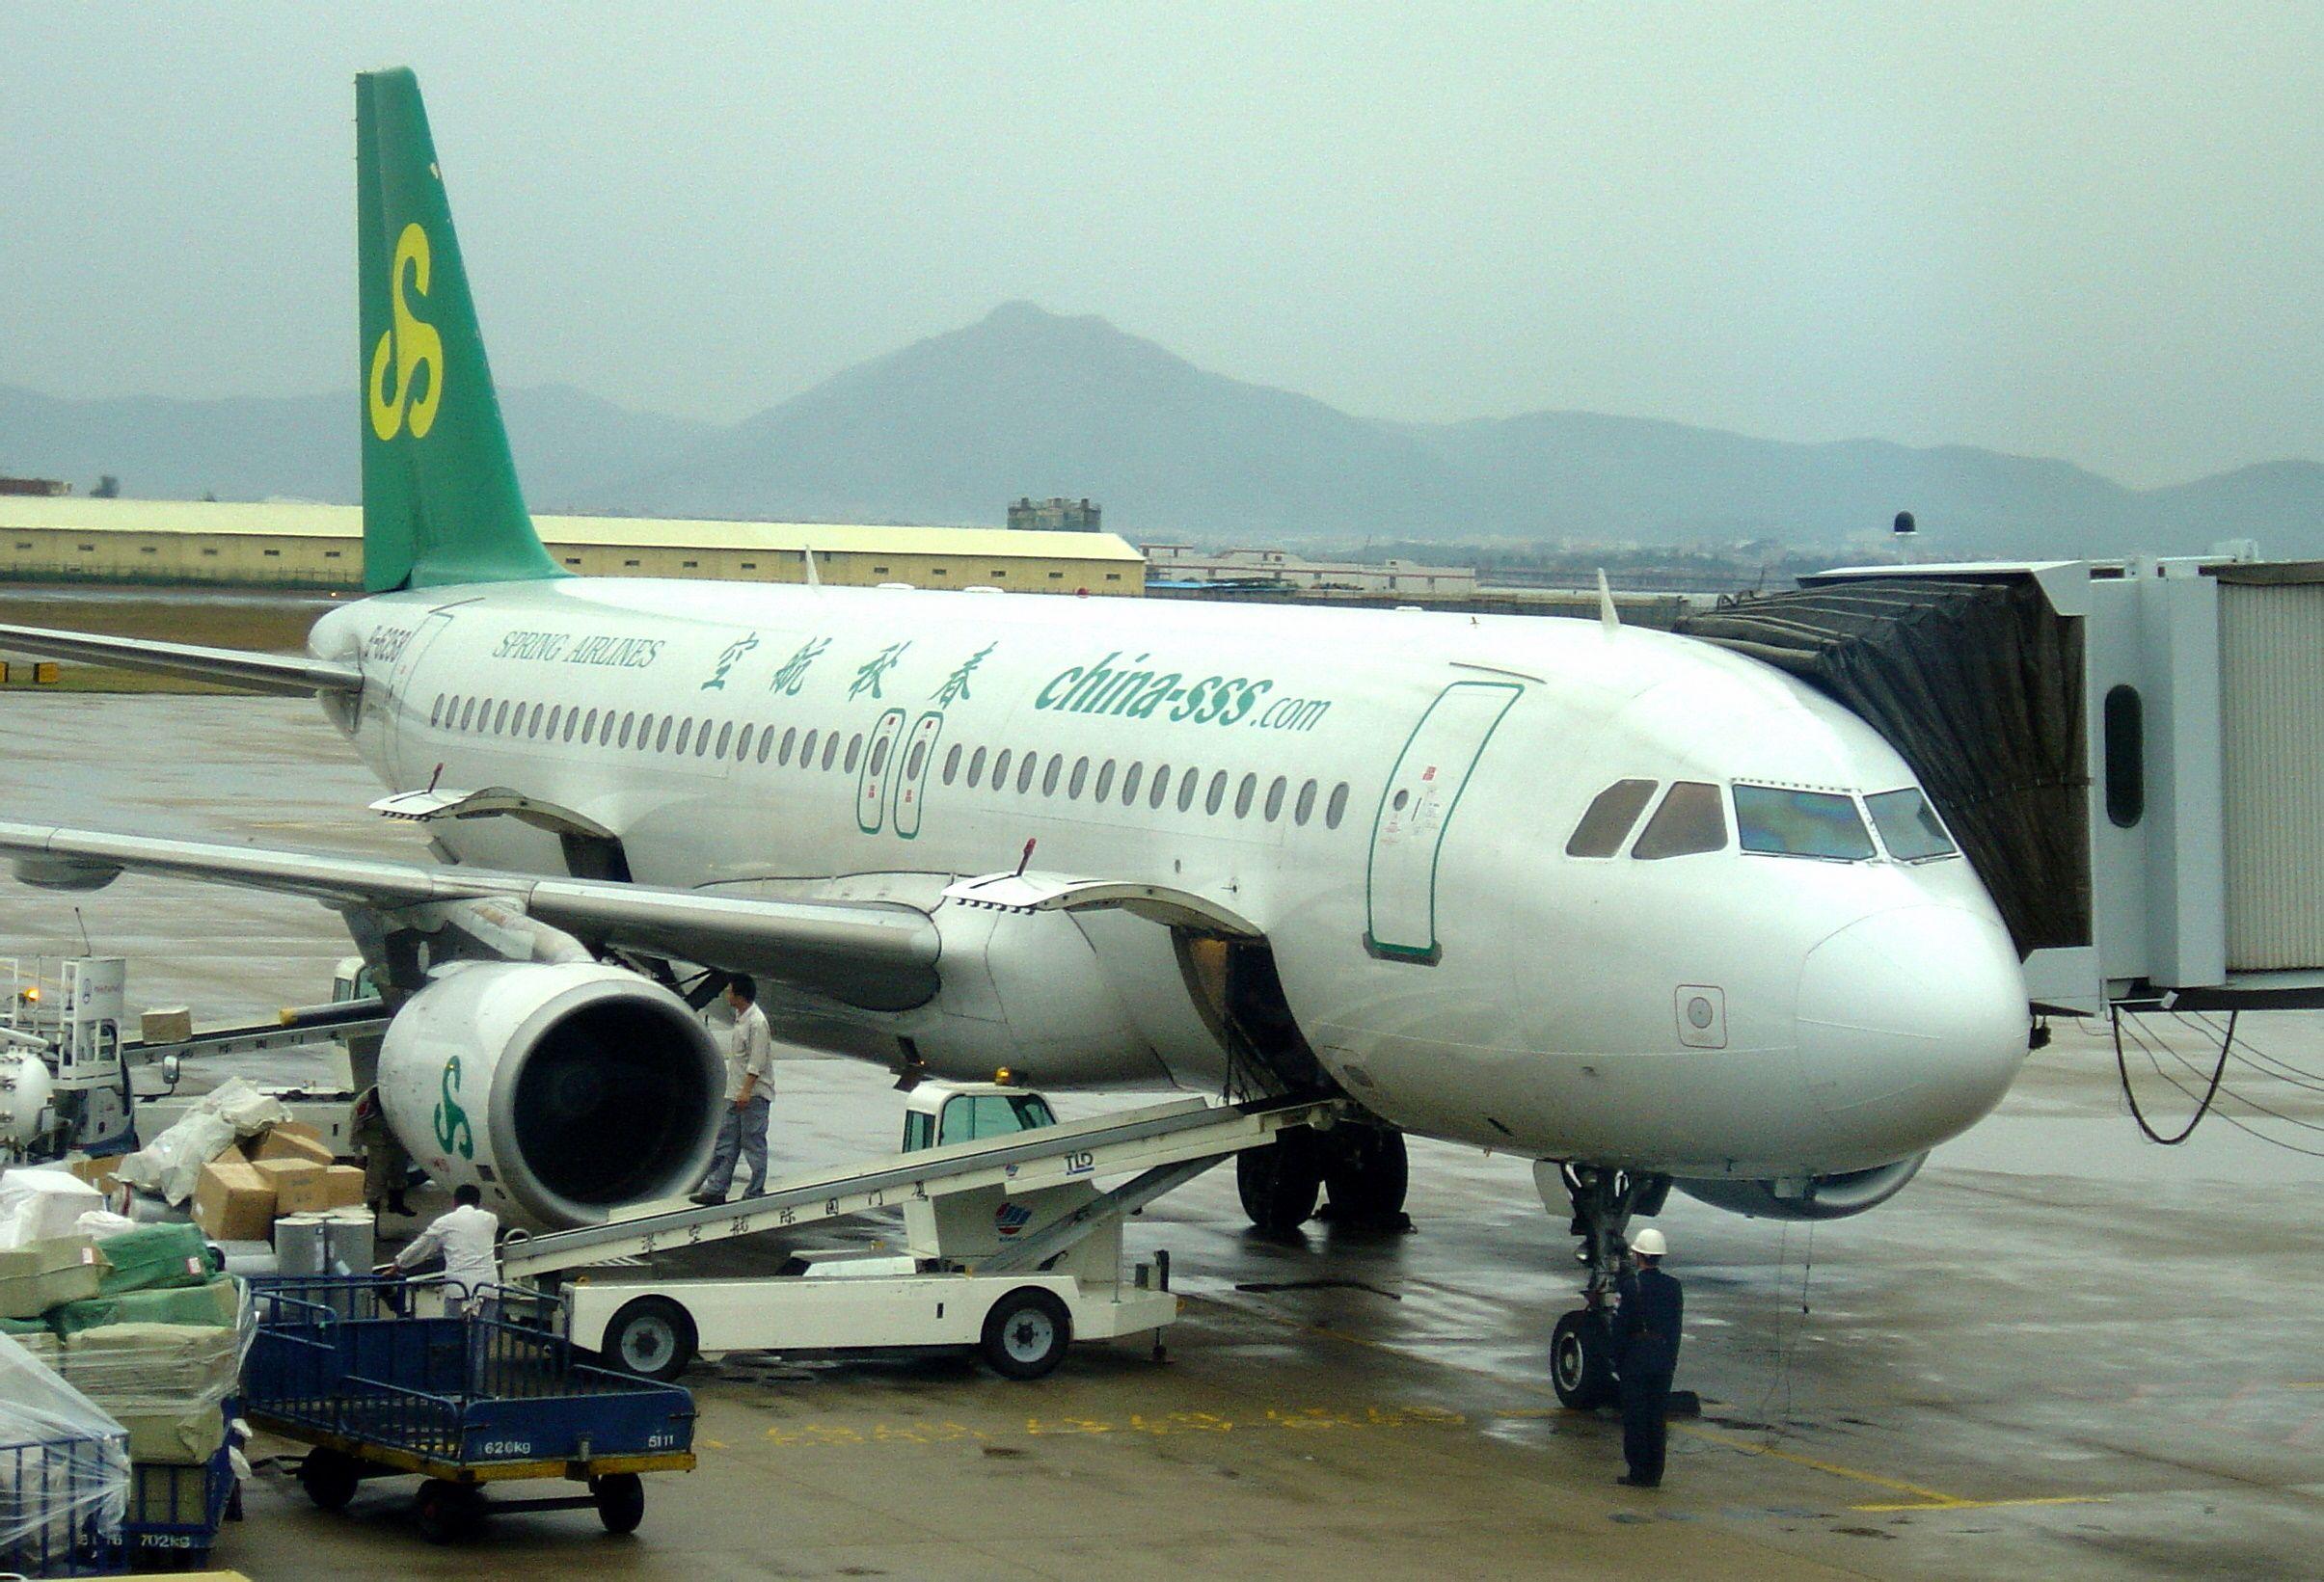 海航空客340座位图_南航319机型座位32A-南航座位分布图_南航座位图_南航cz选座位最佳 ...